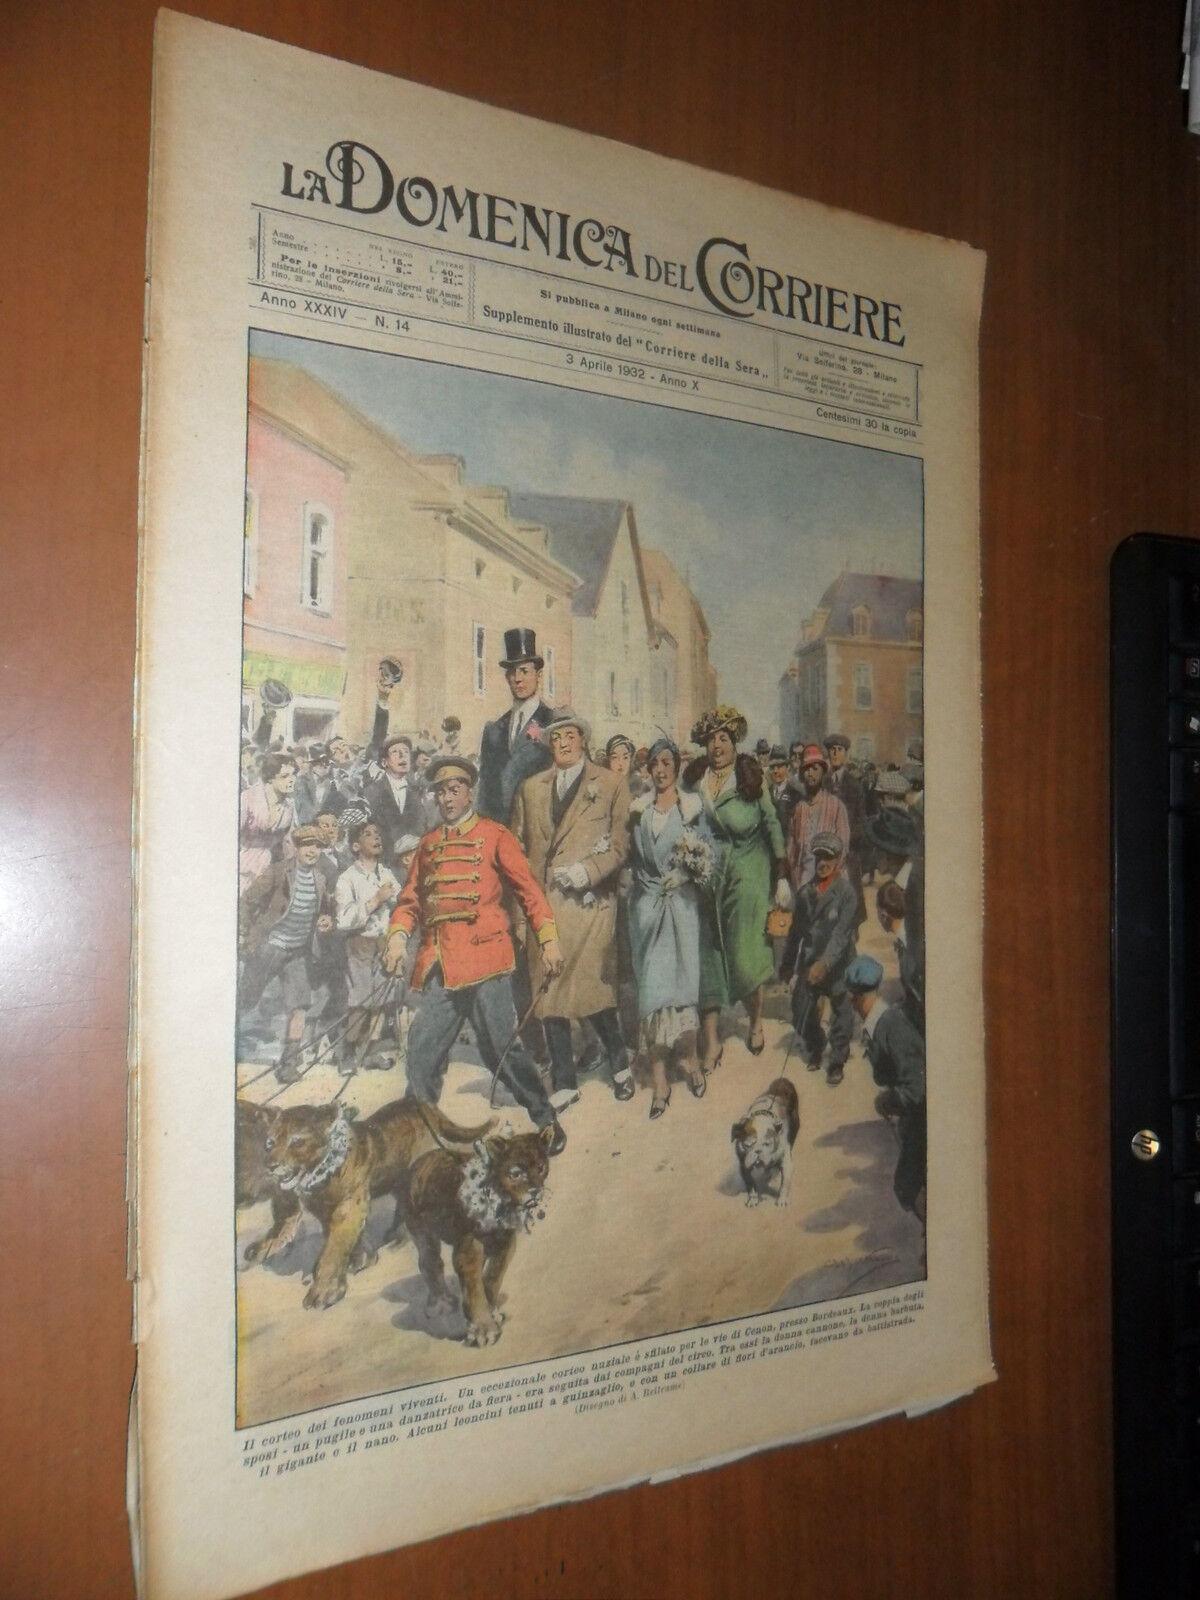 ALPINISTA ATTACCATO DA RAPACE AL MUROLUNGO VELINO L'AQUILA ABRUZZO 1932